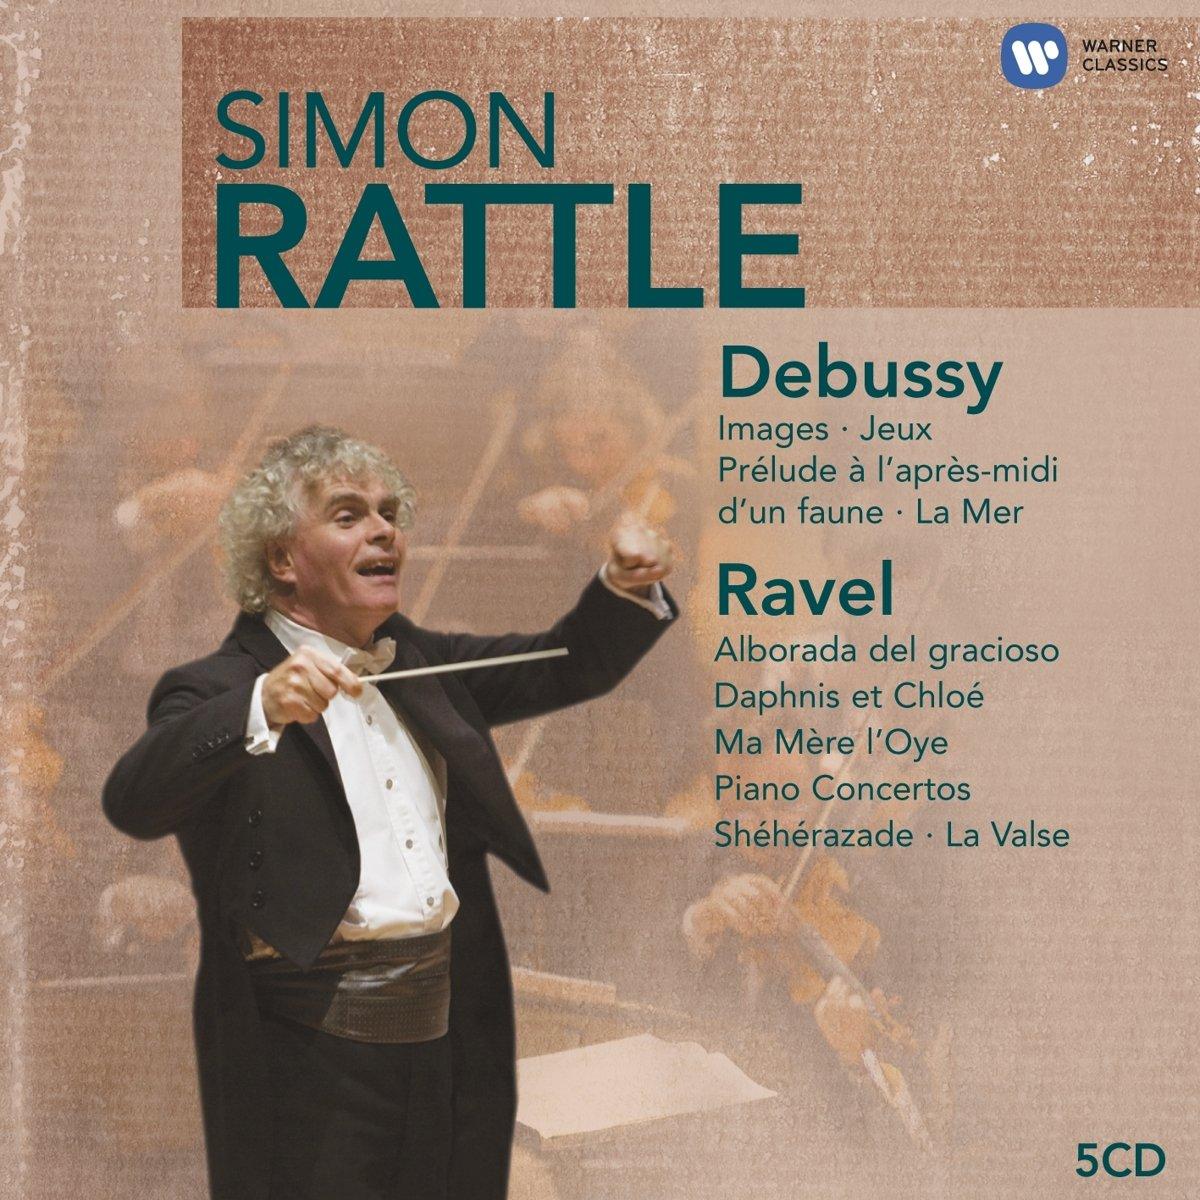 Debussy/Ravel: Orchestral Works - Images; Jeux; La Mer; La Boite a Joujoux; Daphnis et Chloé; Jeux; Bolero by Warner Classics